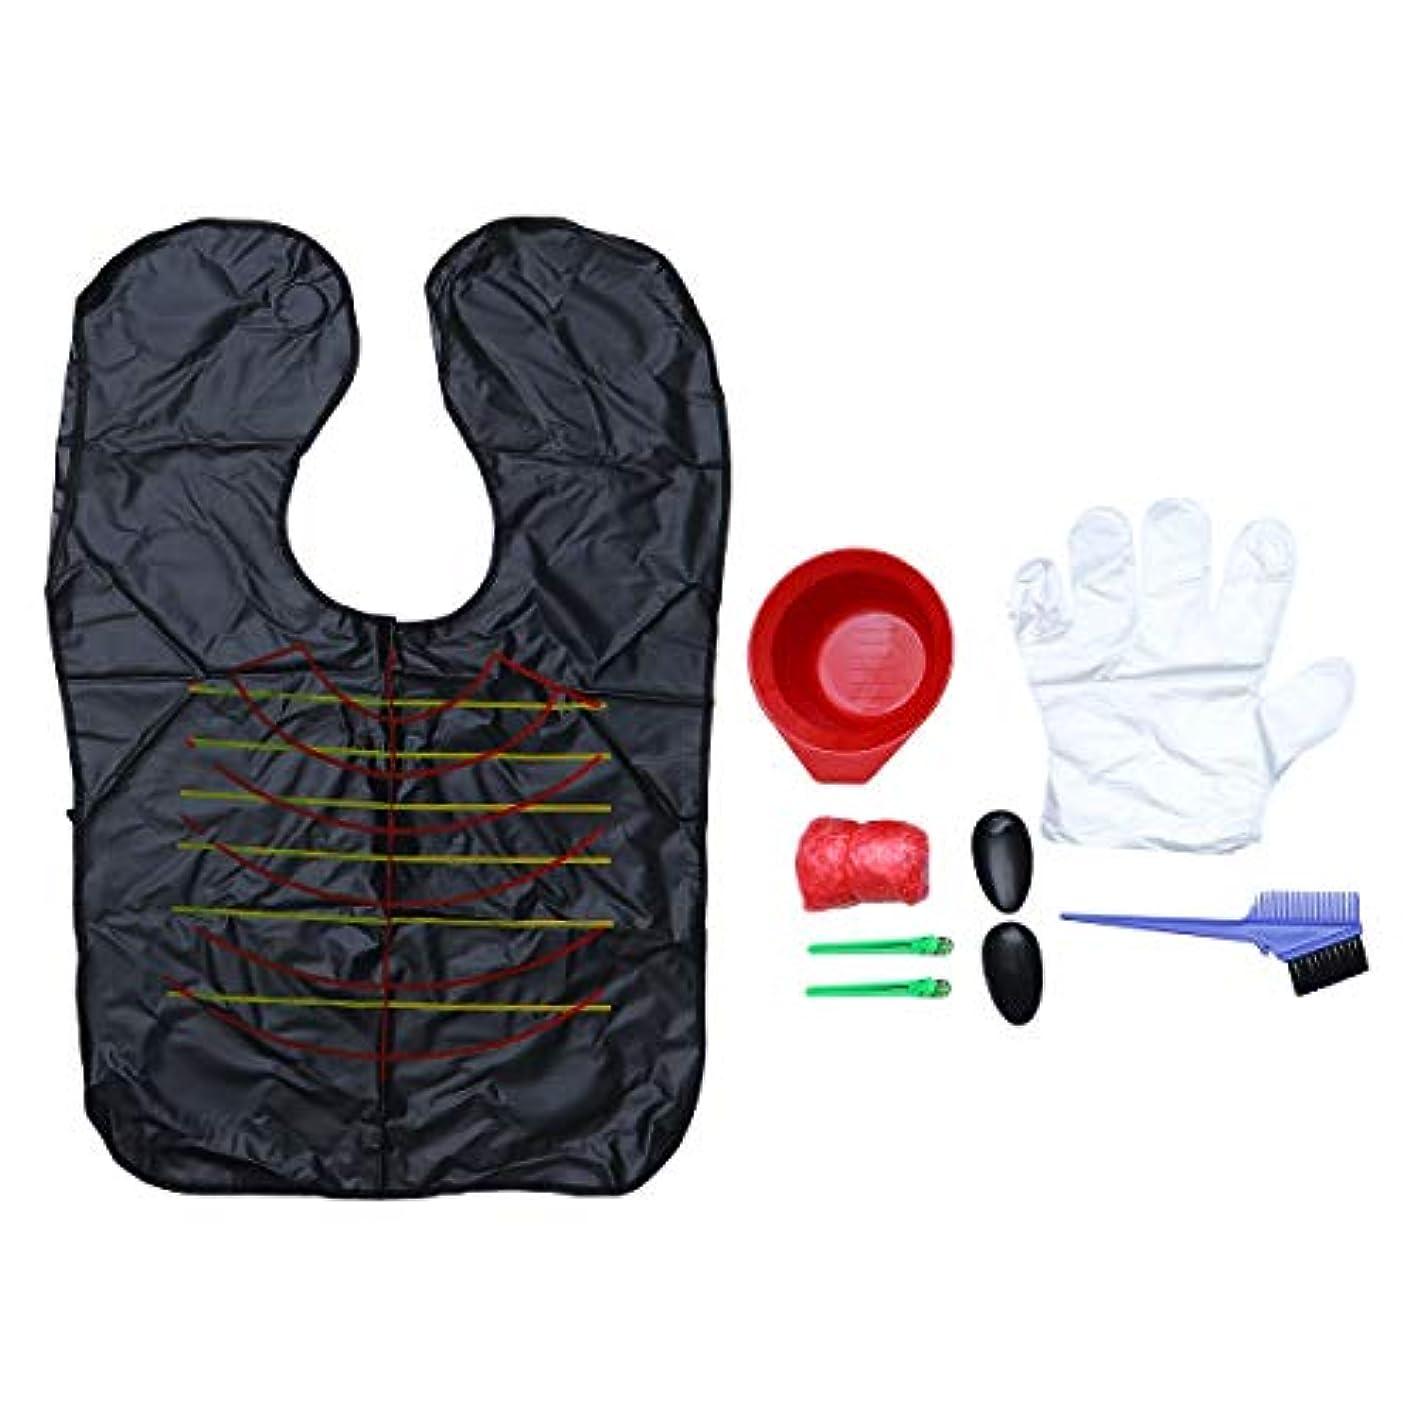 Healifty 9Pcsヘアダイカラーリングキットヘアダイブラシボウルケープイヤーカバーヘアクリップヘアカラー手袋家庭用(ブラシ、ランダムカラー用クリップ)